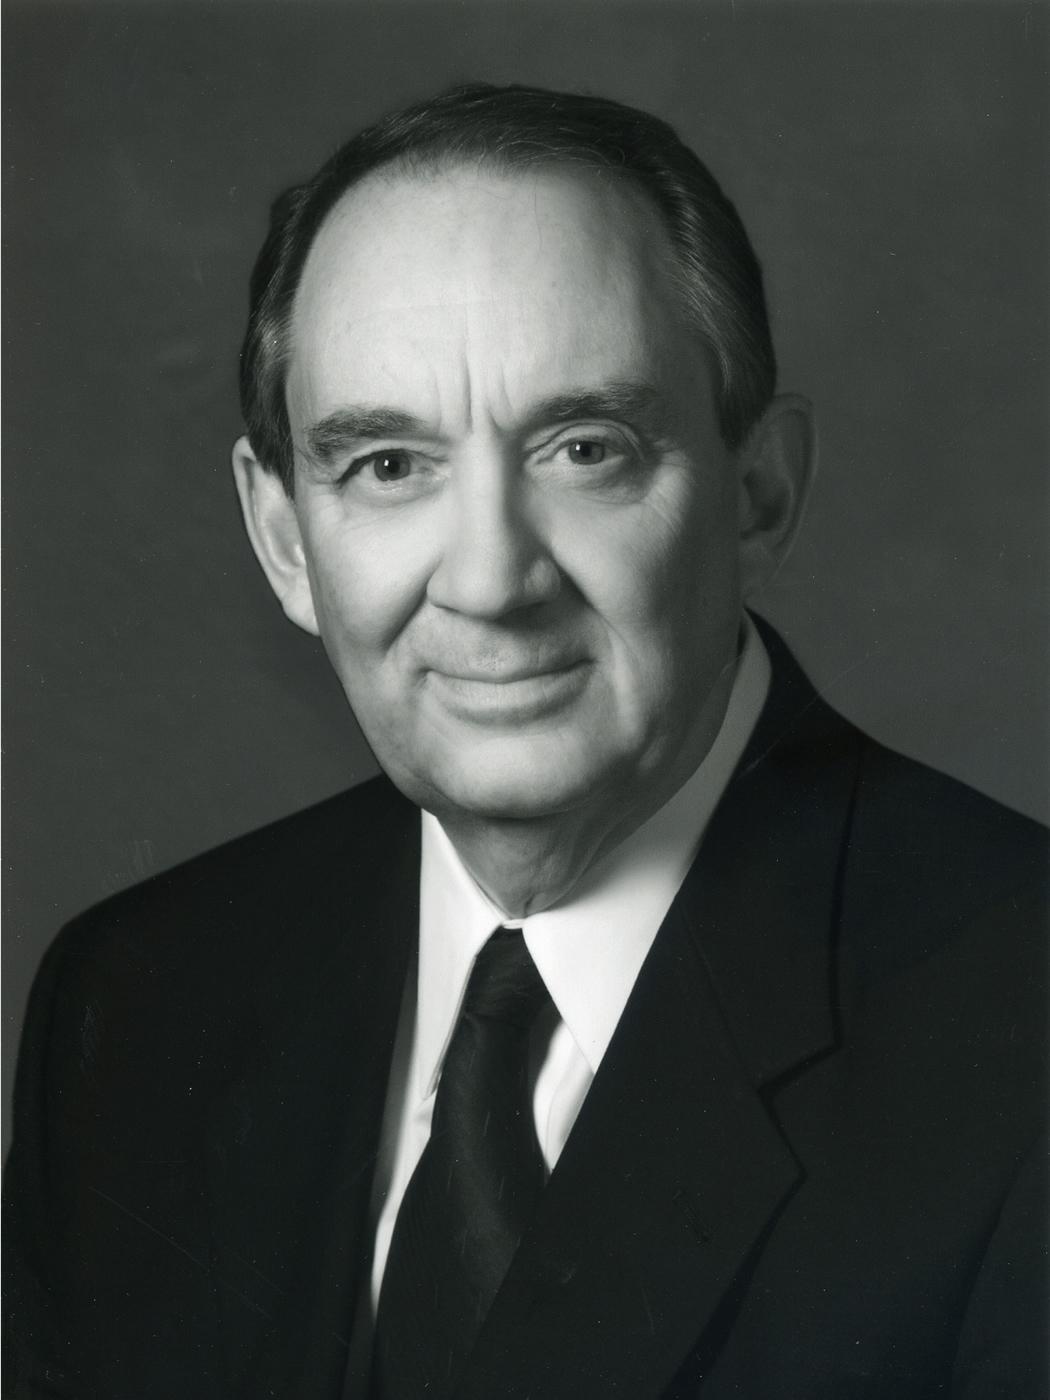 U of U President Michael K. Young, Senator Robert F. Bennett, and Douglas Bennett.